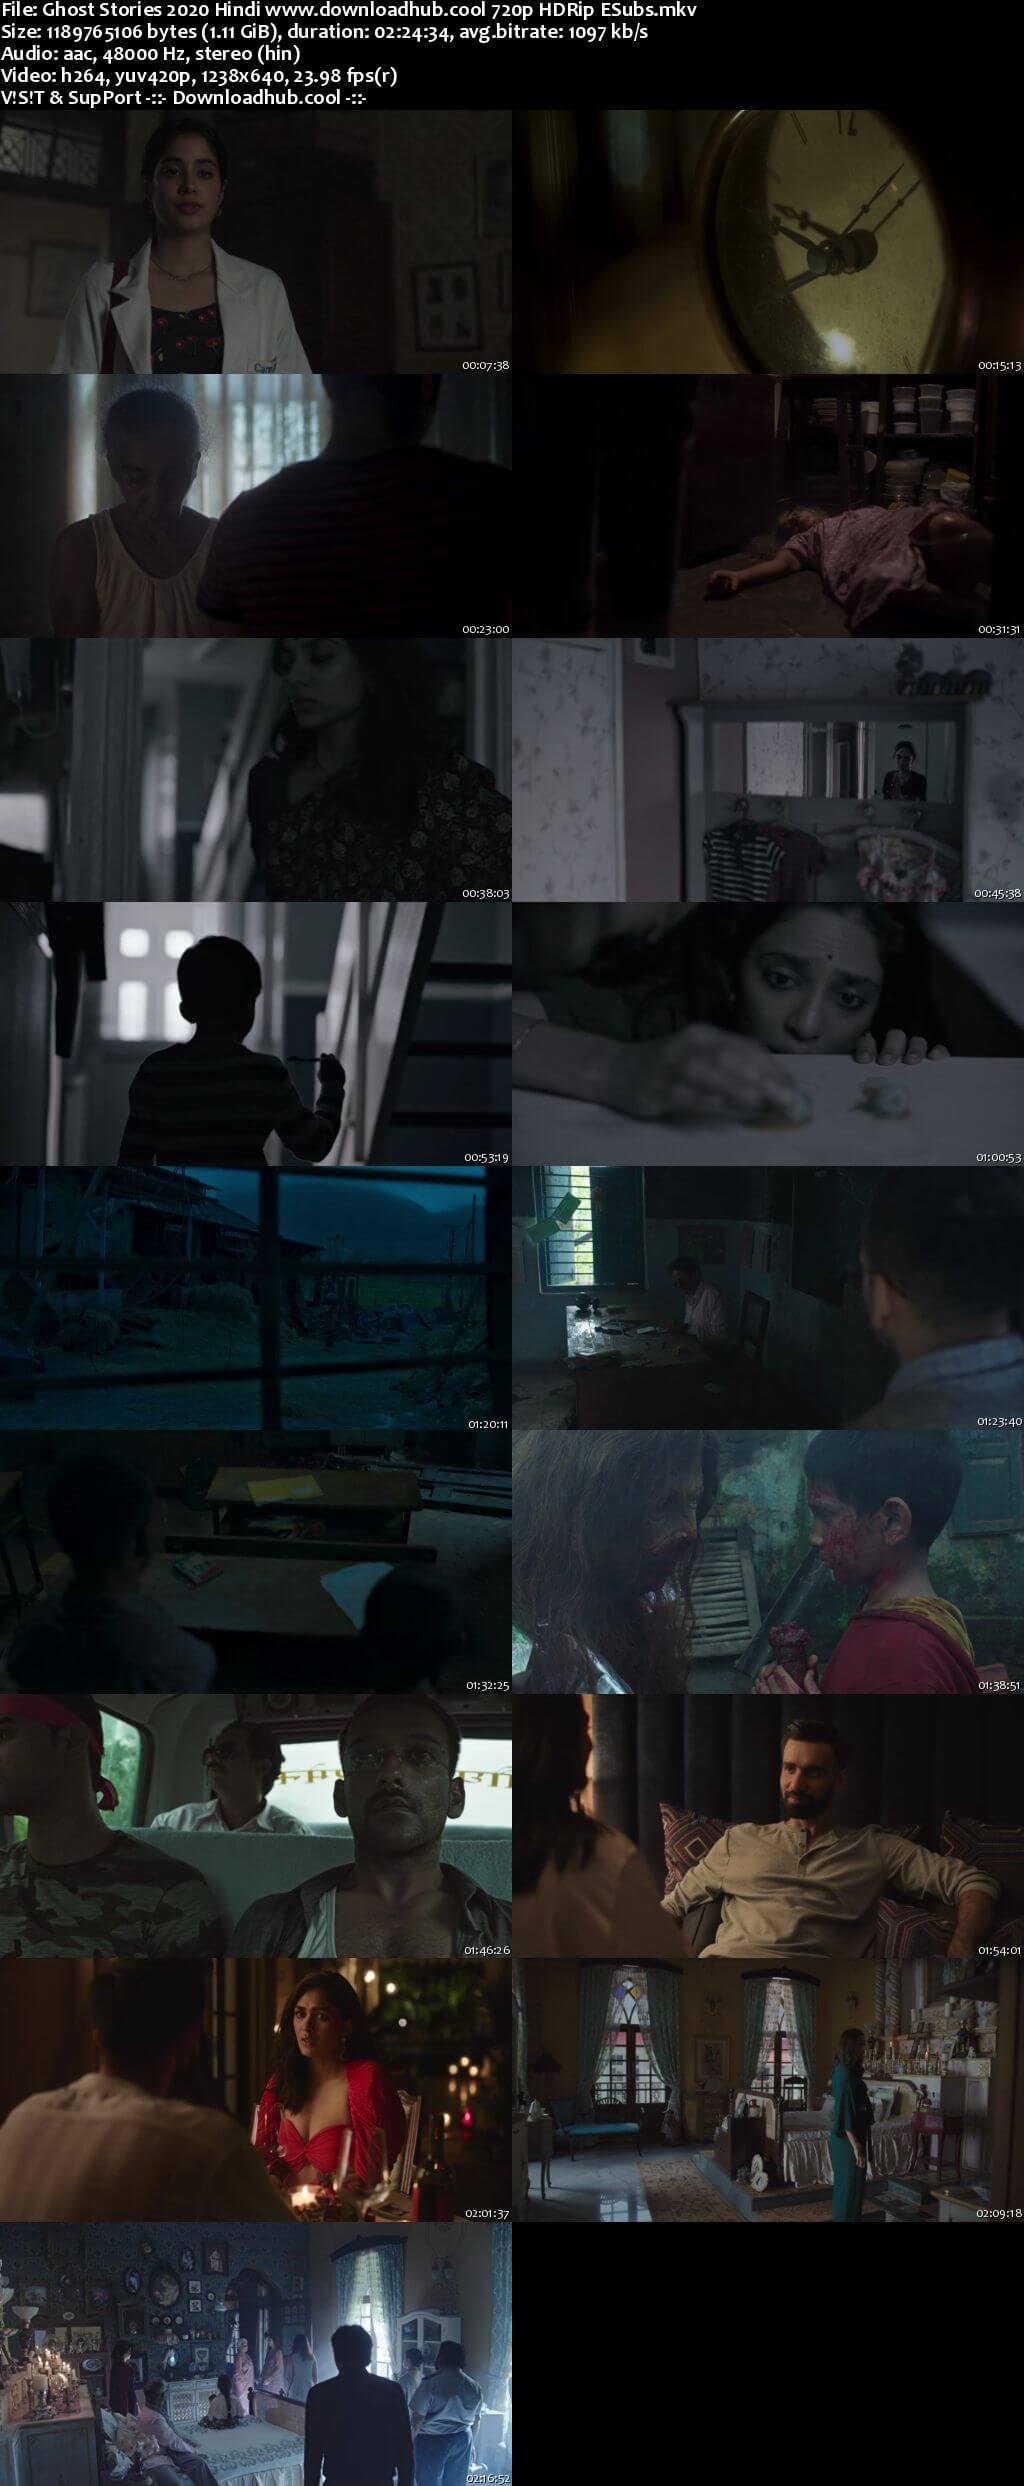 Ghost Stories 2020 Hindi 720p HDRip ESubs